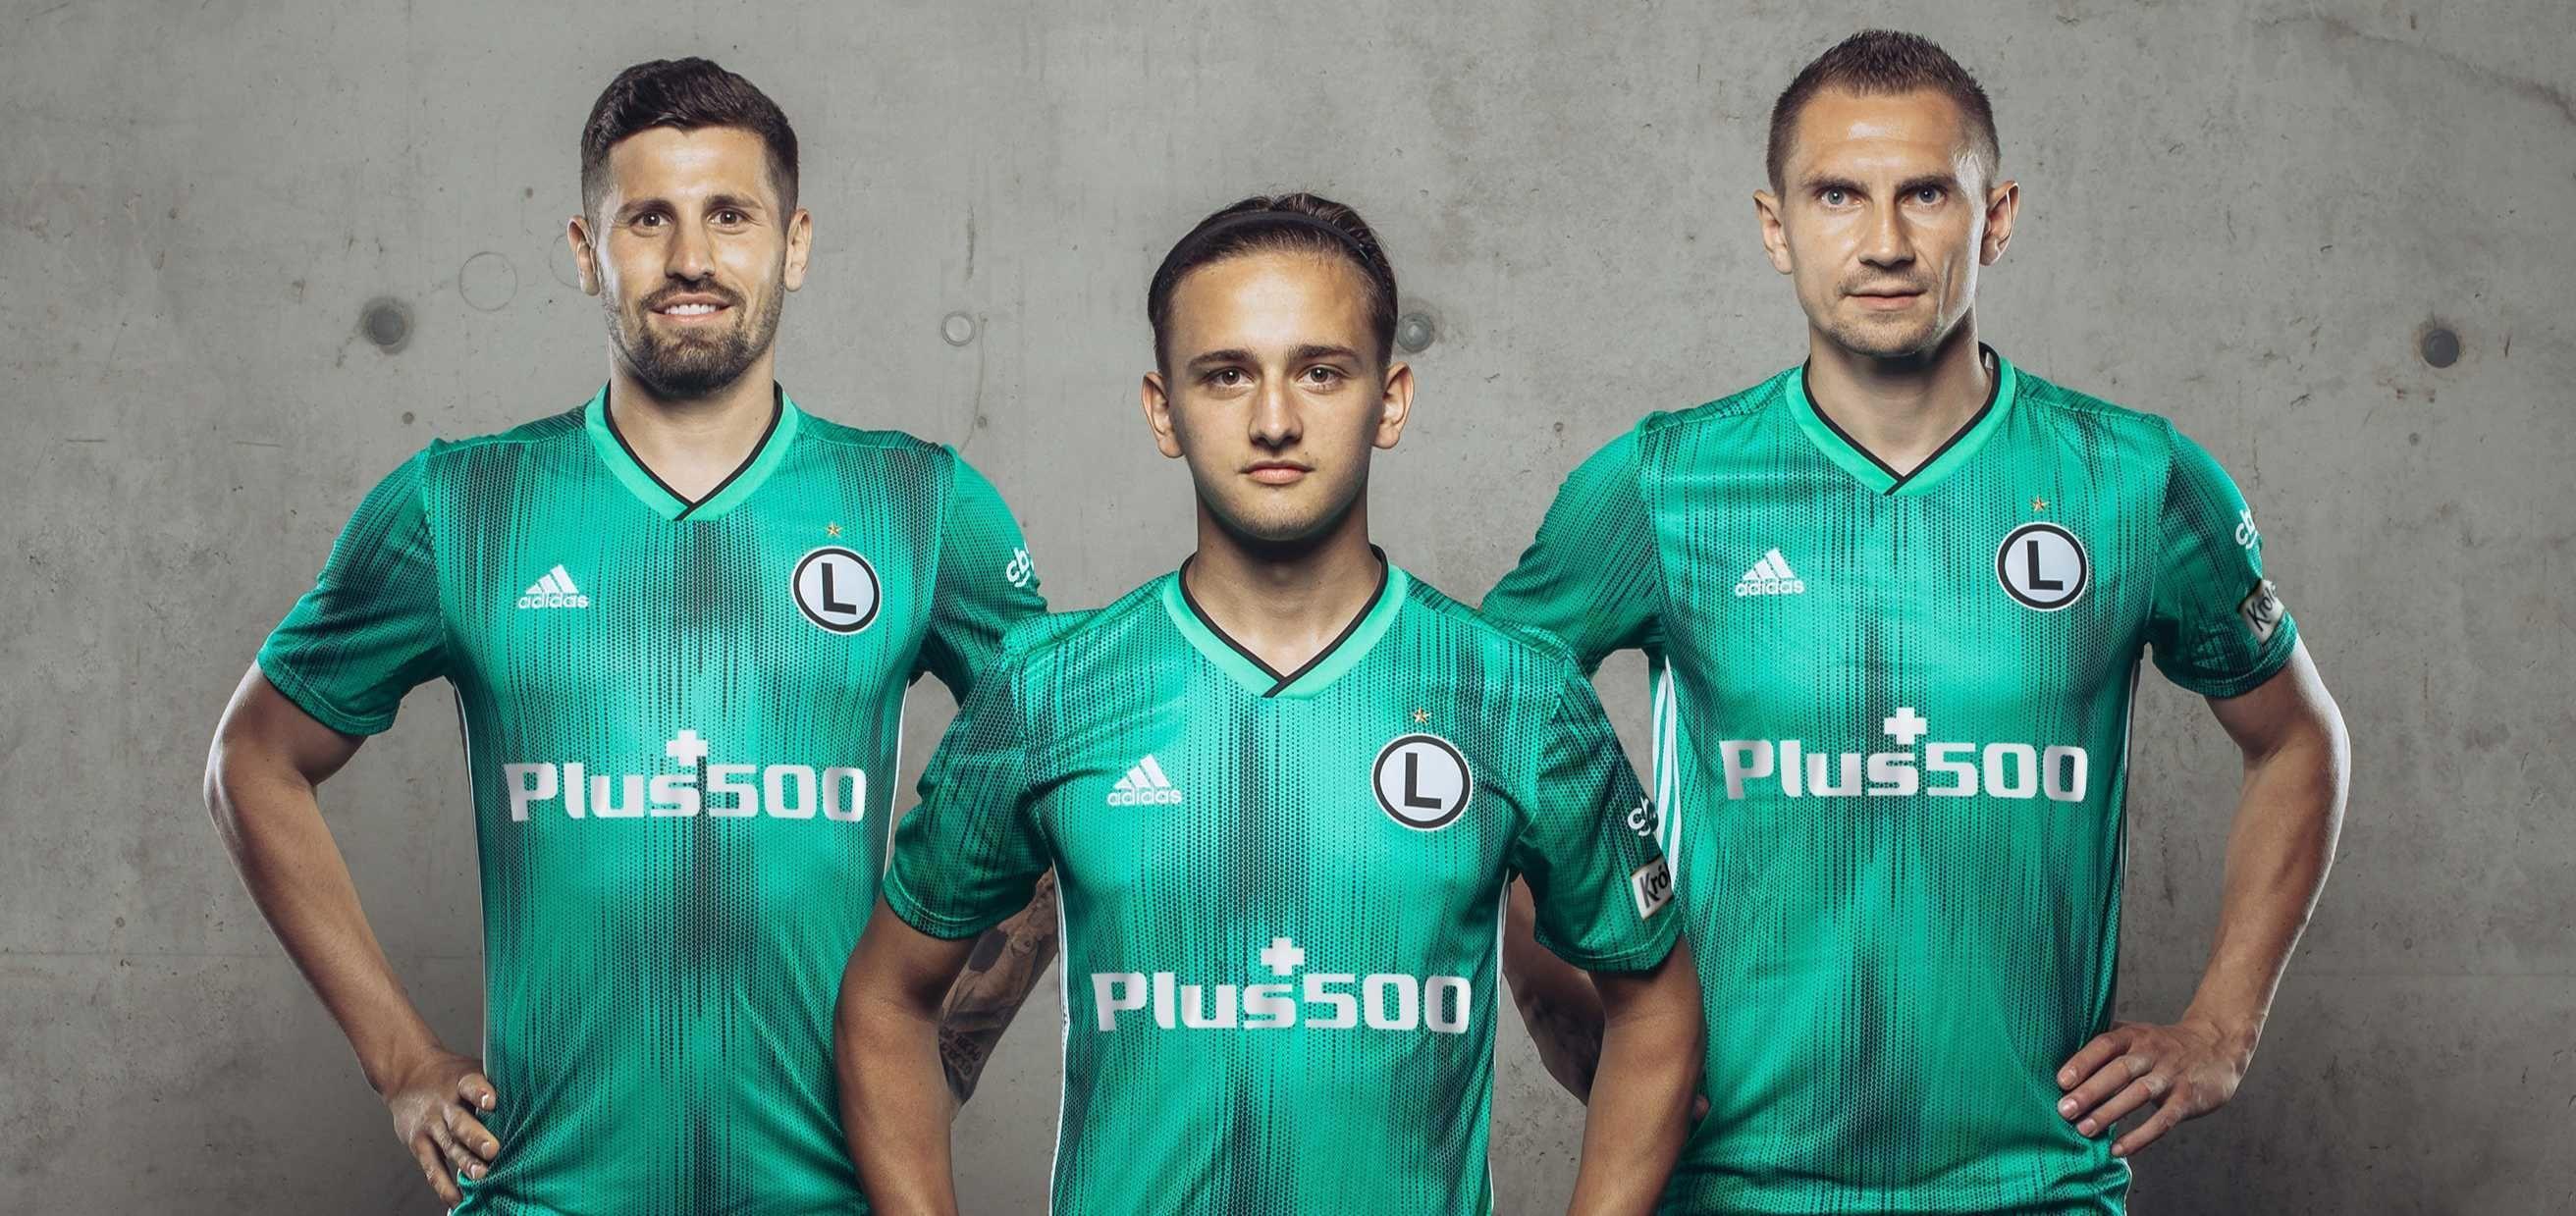 Plus500 głównym sponsorem Legii Warszawa